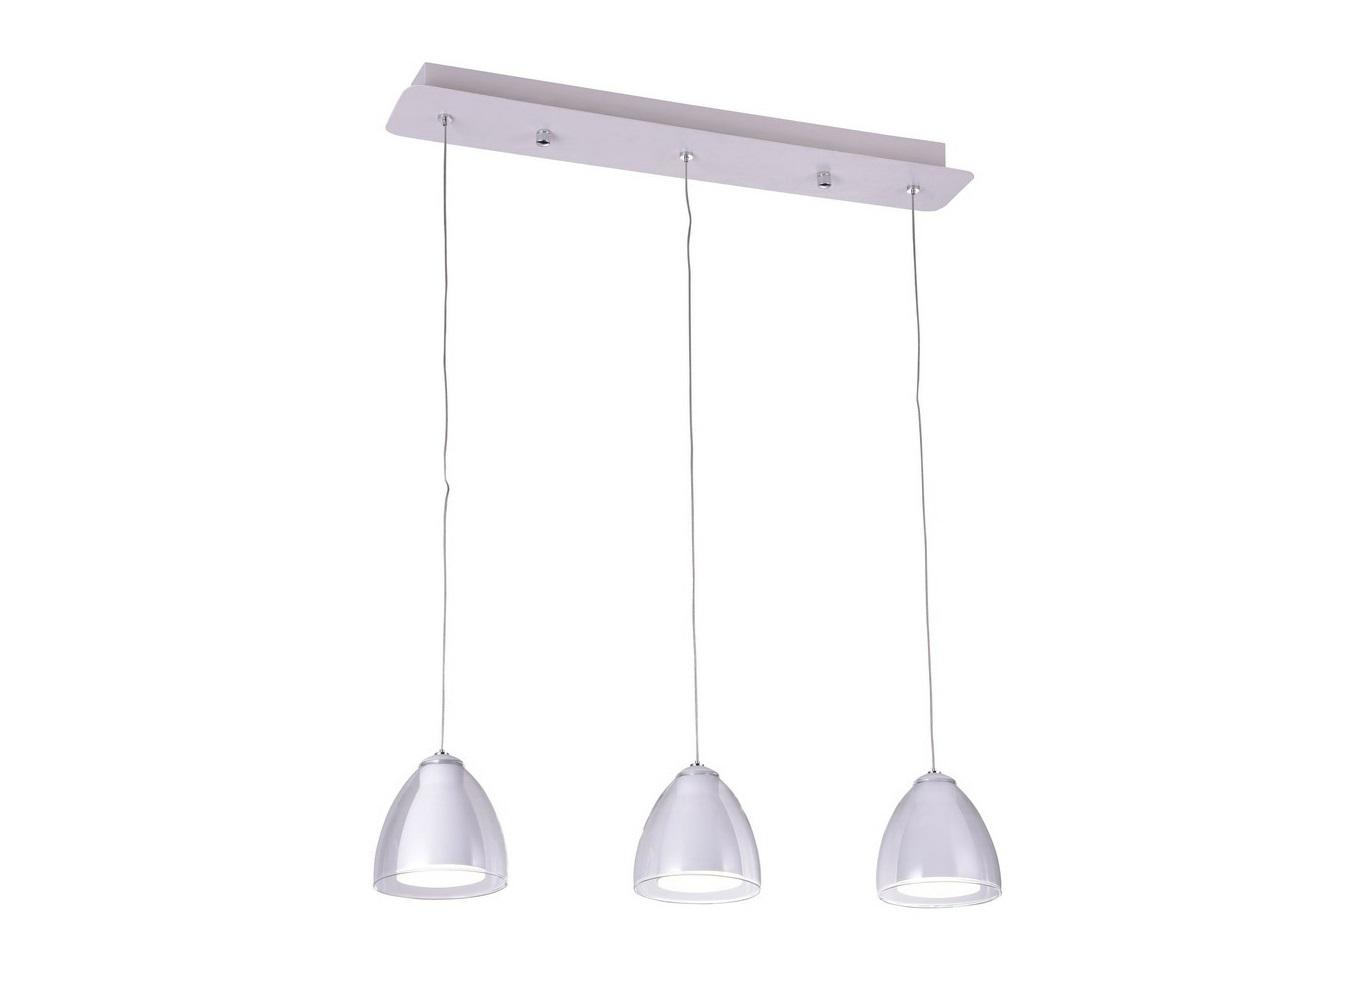 Светильник подвесной MirellaПодвесные светильники<br>Светодиодный подвесной светильник в стиле Хай-Тек. Светильник со встроенной светодиодной матрицей общей мощностью 9W (Эквивалент лампы накаливания 60 W). Цветовая температура 4000-4200К. <br>Высоту подвеса светильника можно регулировать от 20см до 100см.<br>Светильник поставляется в собранном виде и имеет в комплекте все необходимые для монтажа крепежные элементы.&amp;lt;div&amp;gt;&amp;lt;br&amp;gt;&amp;lt;/div&amp;gt;&amp;lt;div&amp;gt;&amp;lt;div&amp;gt;Цоколь: LED&amp;lt;/div&amp;gt;&amp;lt;div&amp;gt;Мощность лампы: 9W&amp;lt;/div&amp;gt;&amp;lt;div&amp;gt;Количество ламп: 3&amp;lt;/div&amp;gt;&amp;lt;/div&amp;gt;<br><br>Material: Металл<br>Ширина см: 60<br>Высота см: 100<br>Глубина см: 10